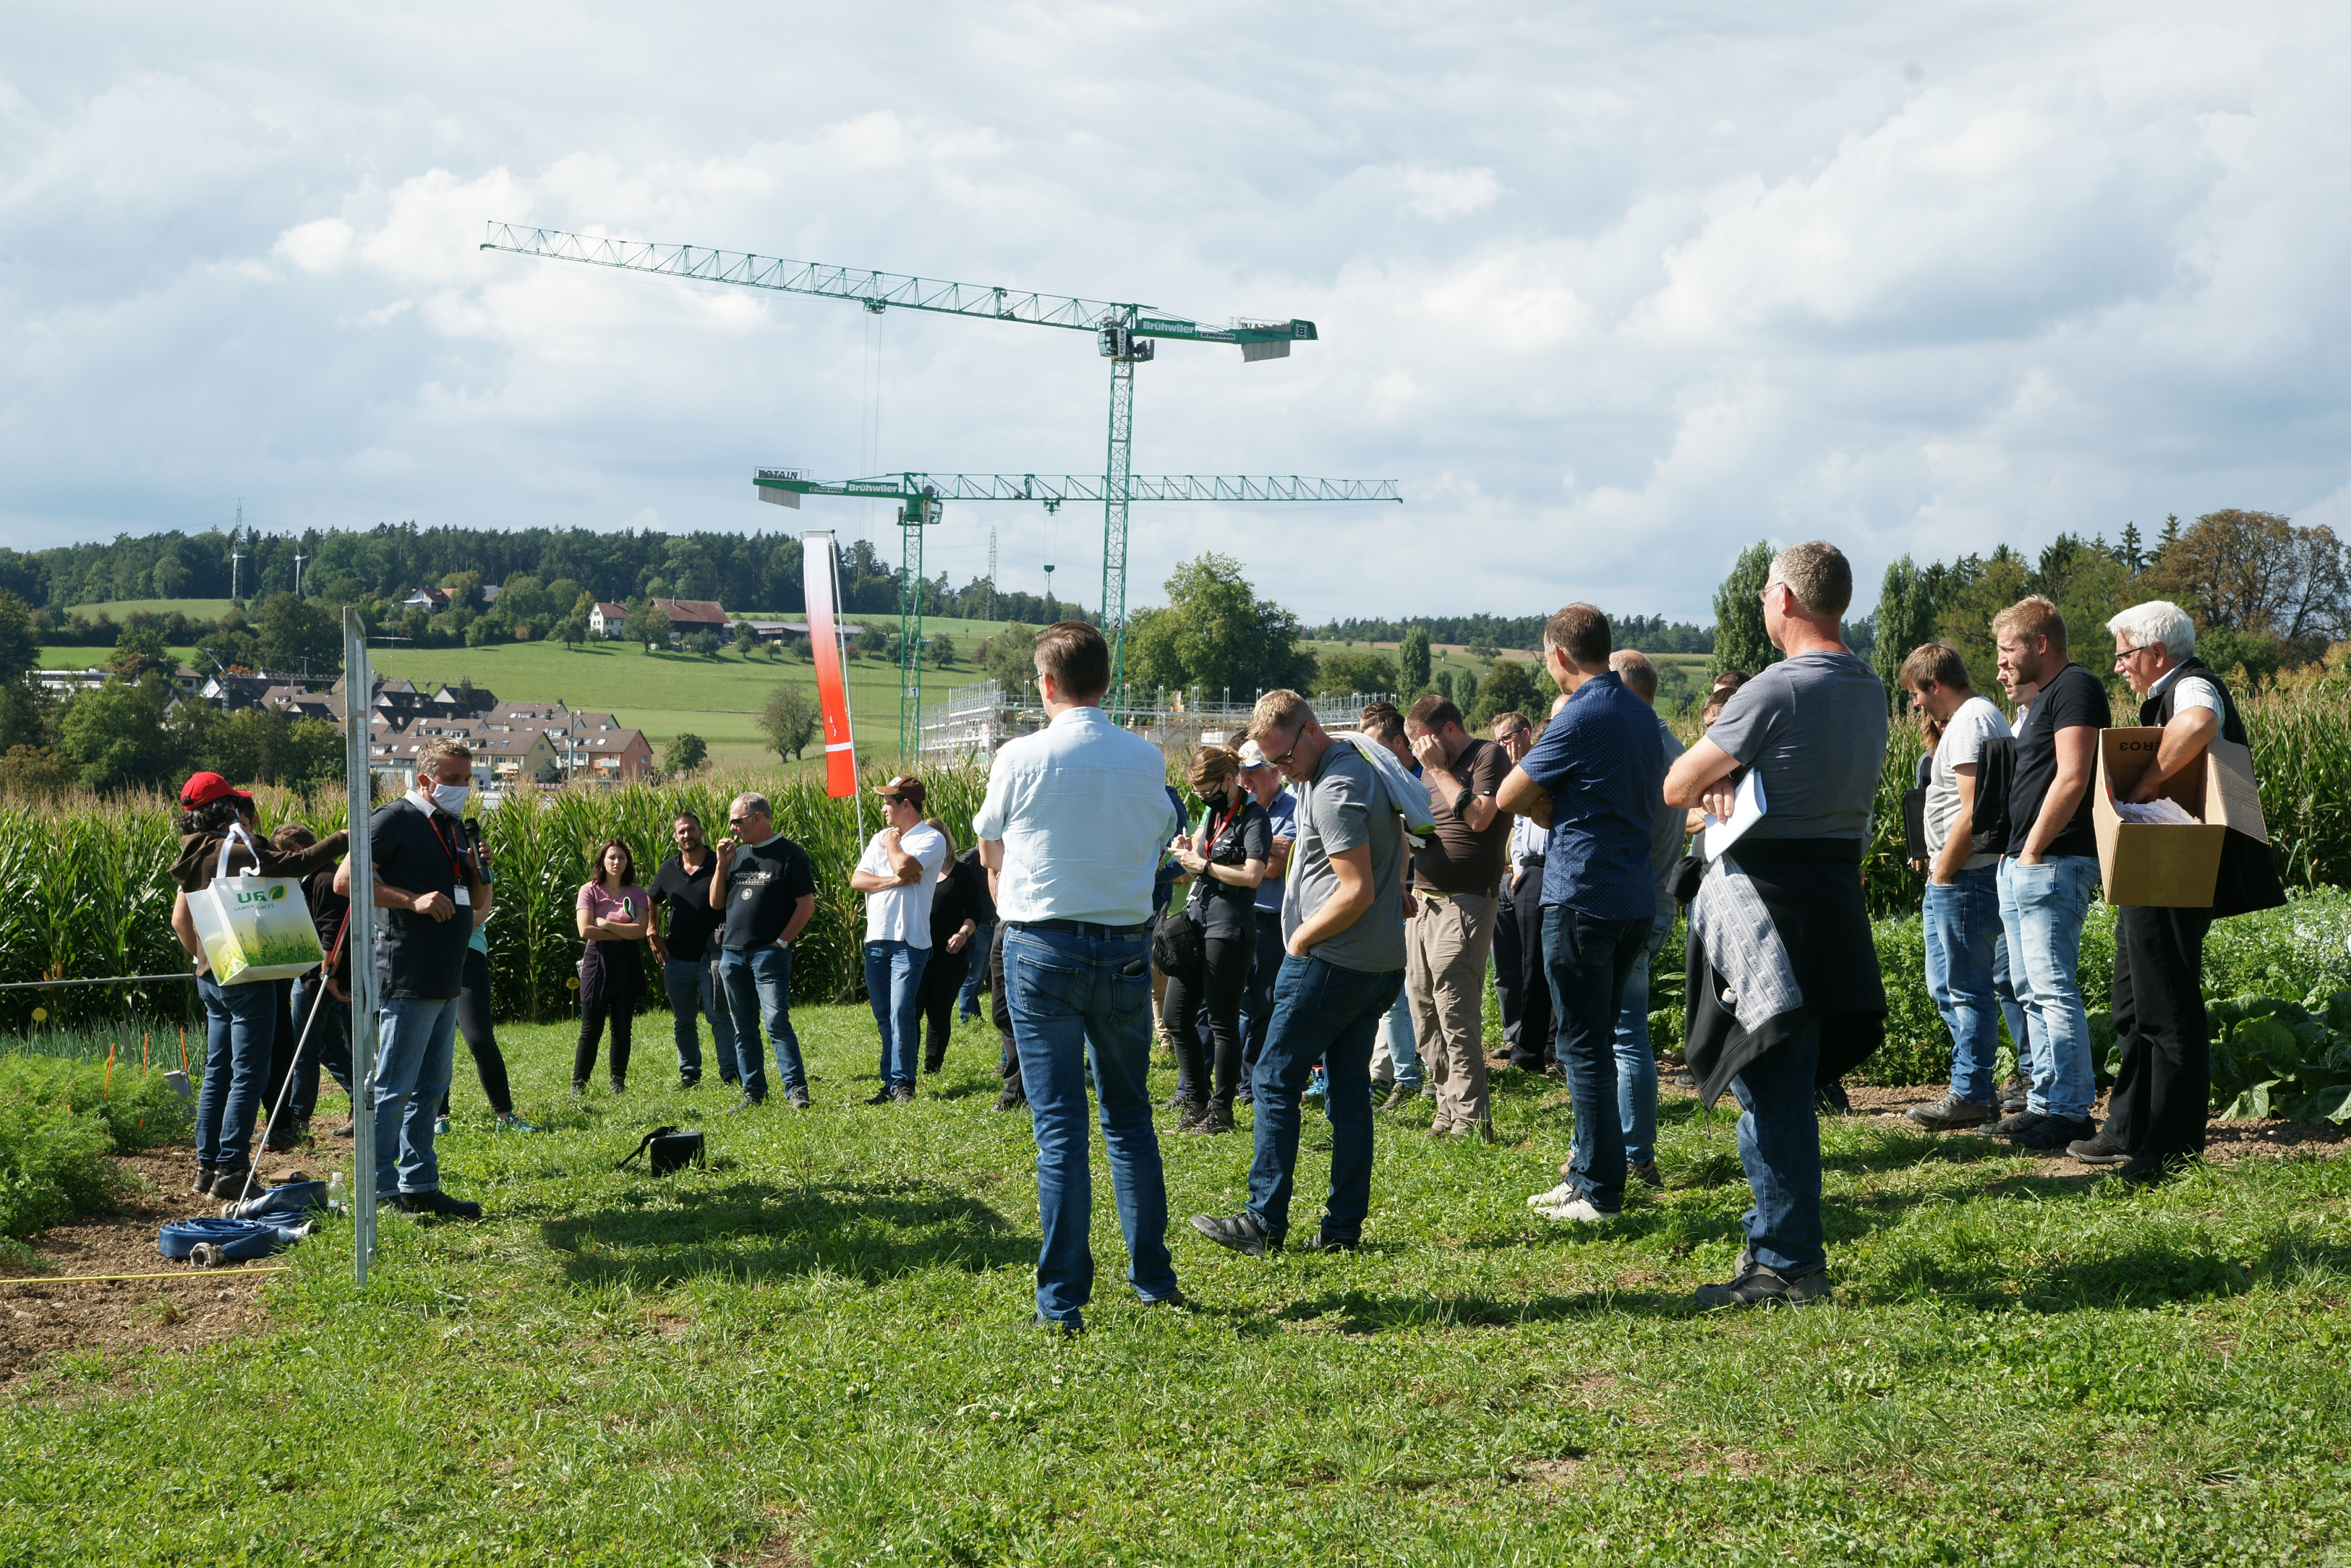 Jürgen Krauss von Agroscope stellte an der Freilandgemüse-Tagung verschiedene Herbizidstrategien in Karotten vor.